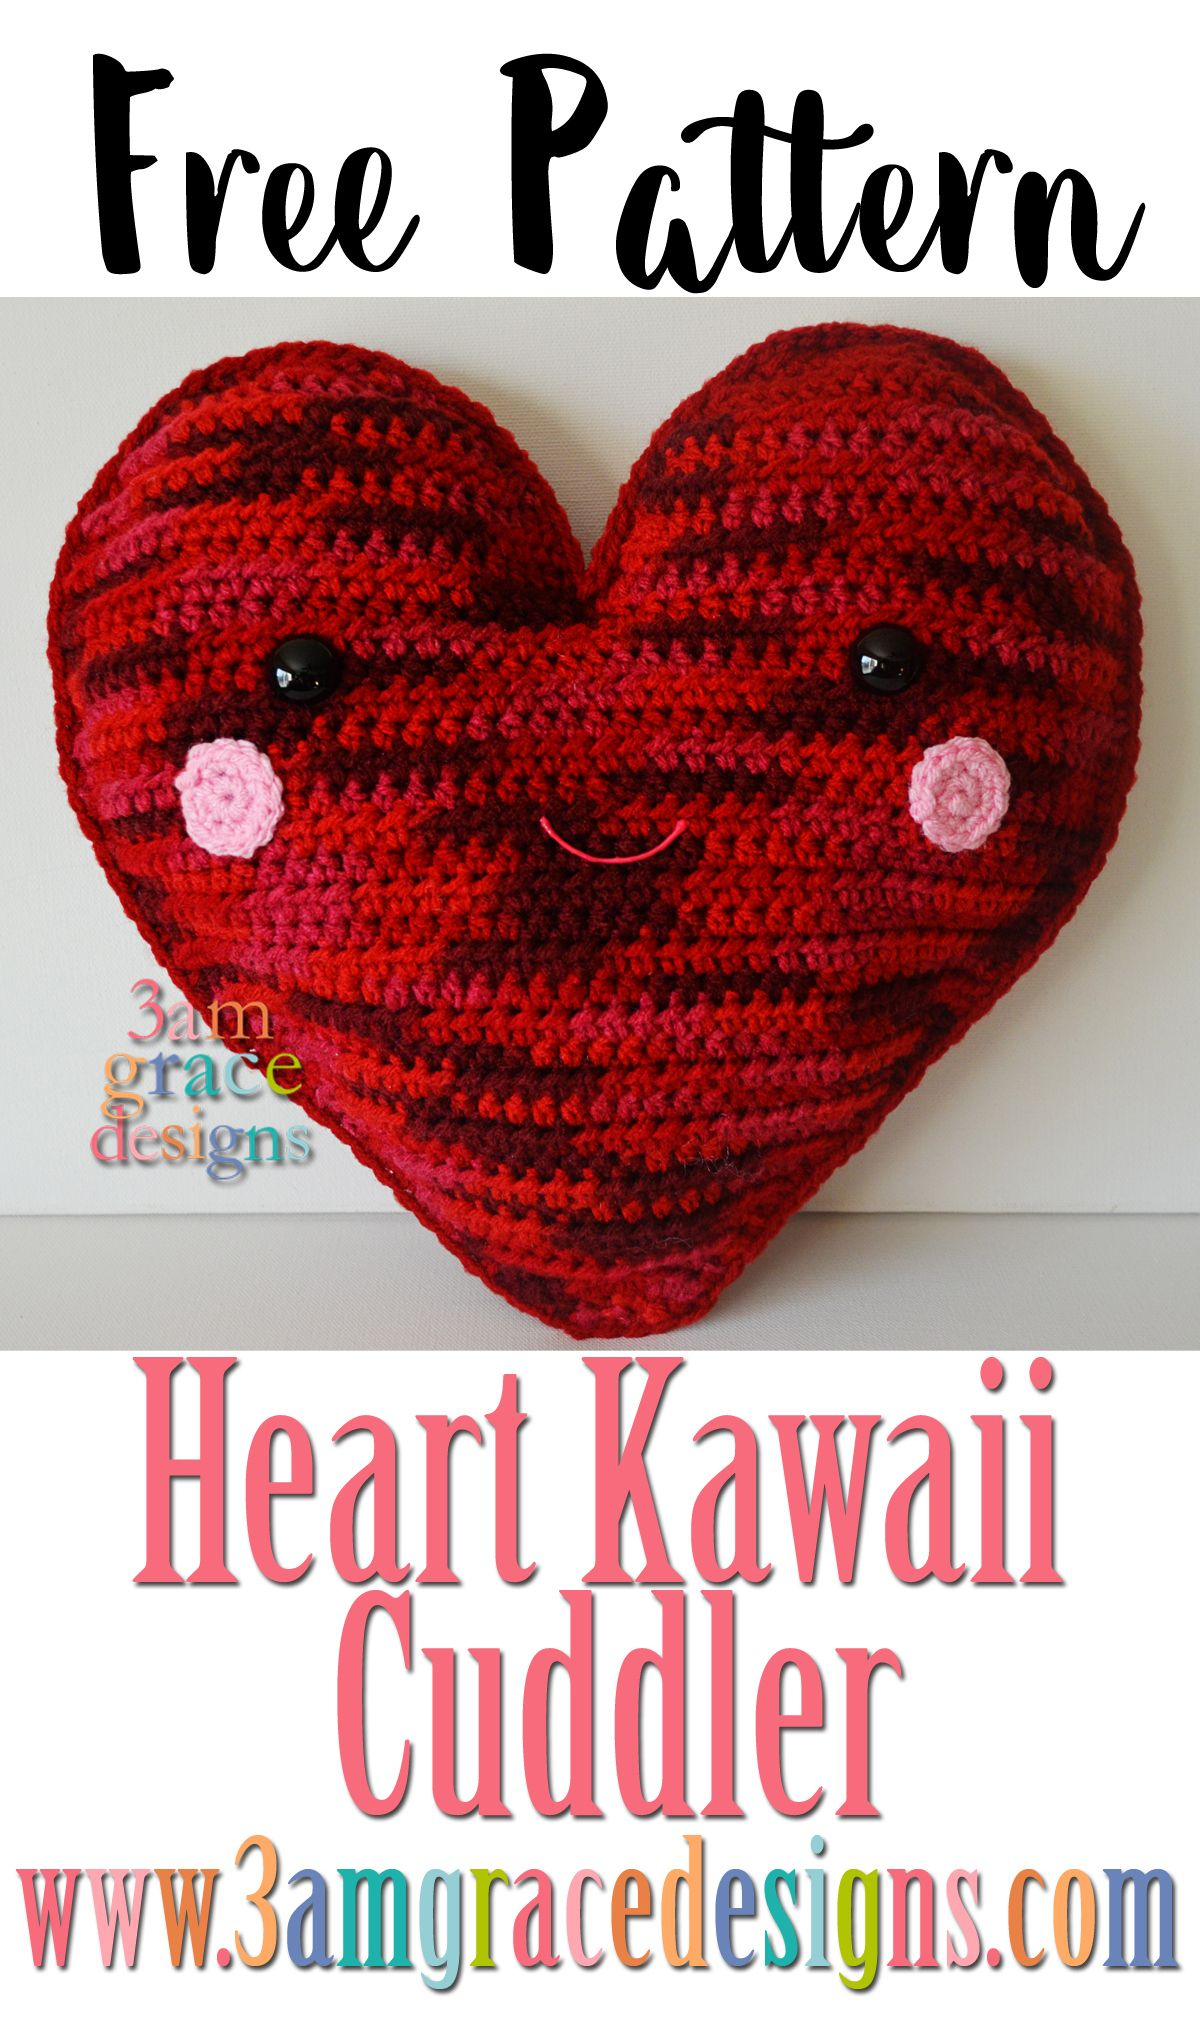 Heart Kawaii Cuddler Free Crochet Pattern 3amgracedesigns